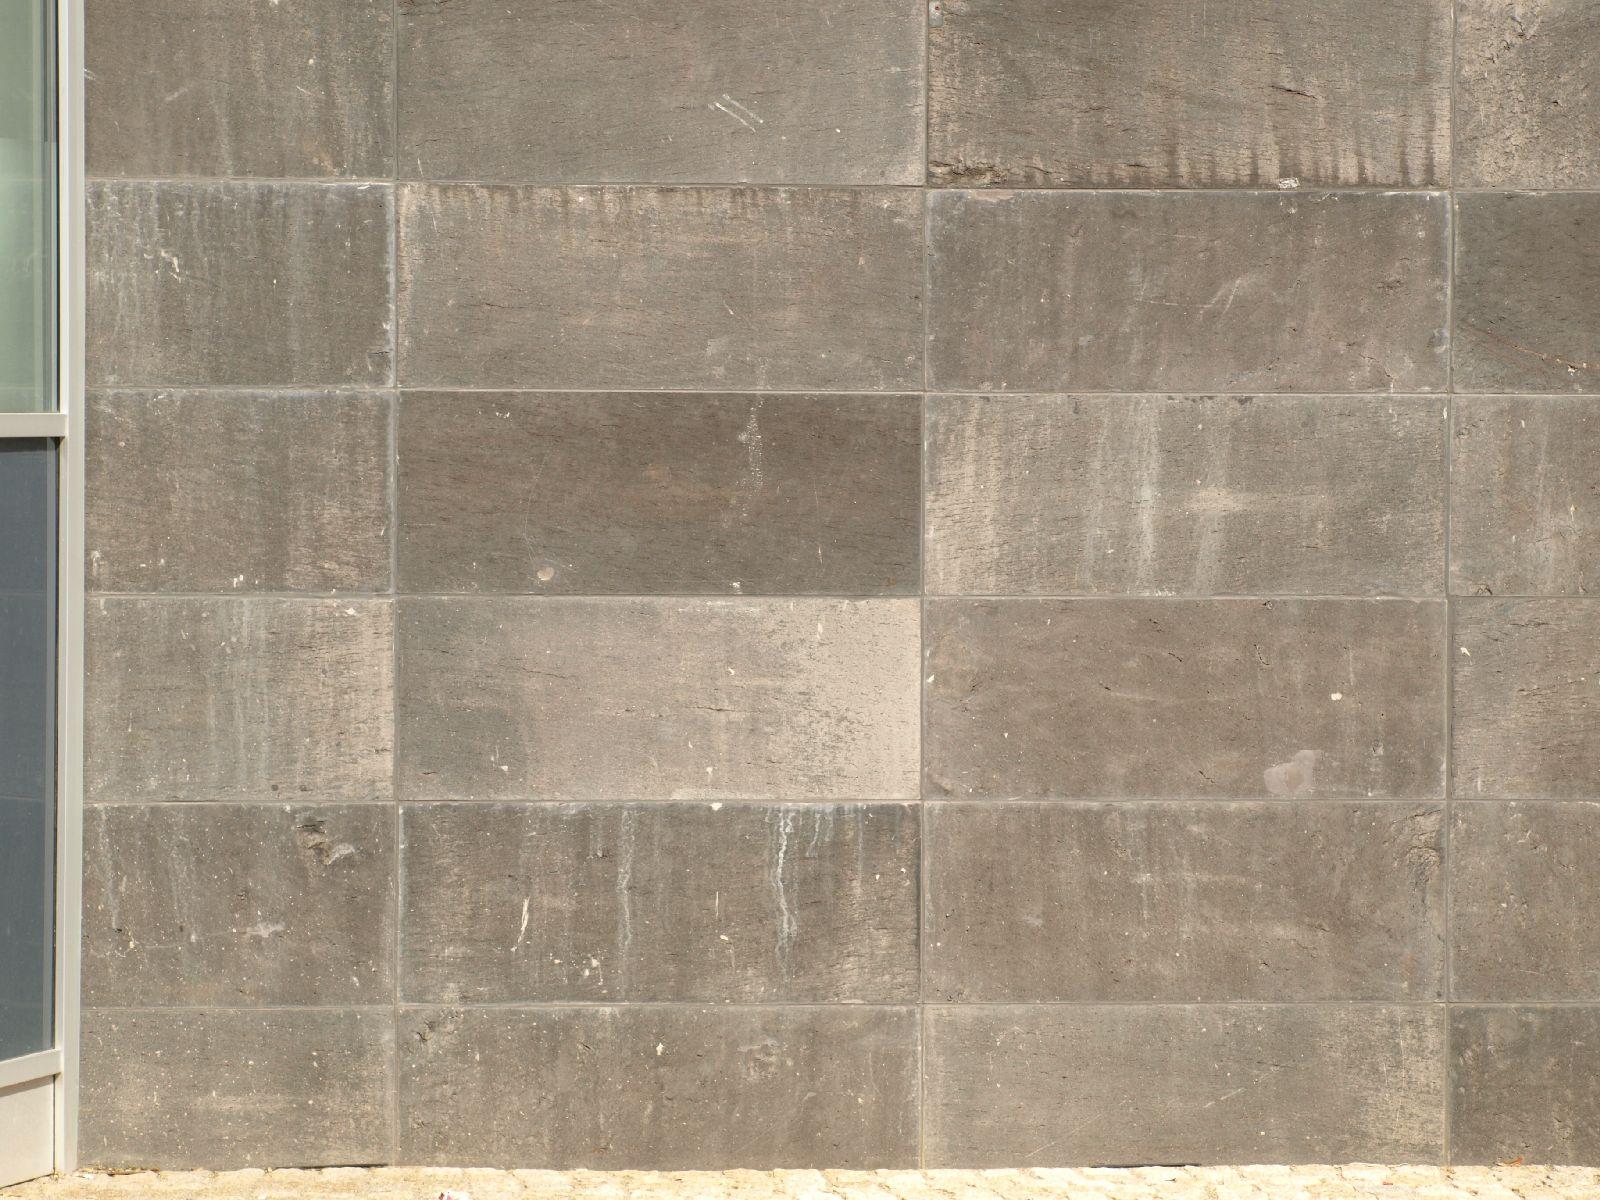 Brick_Texture_A_P8229137